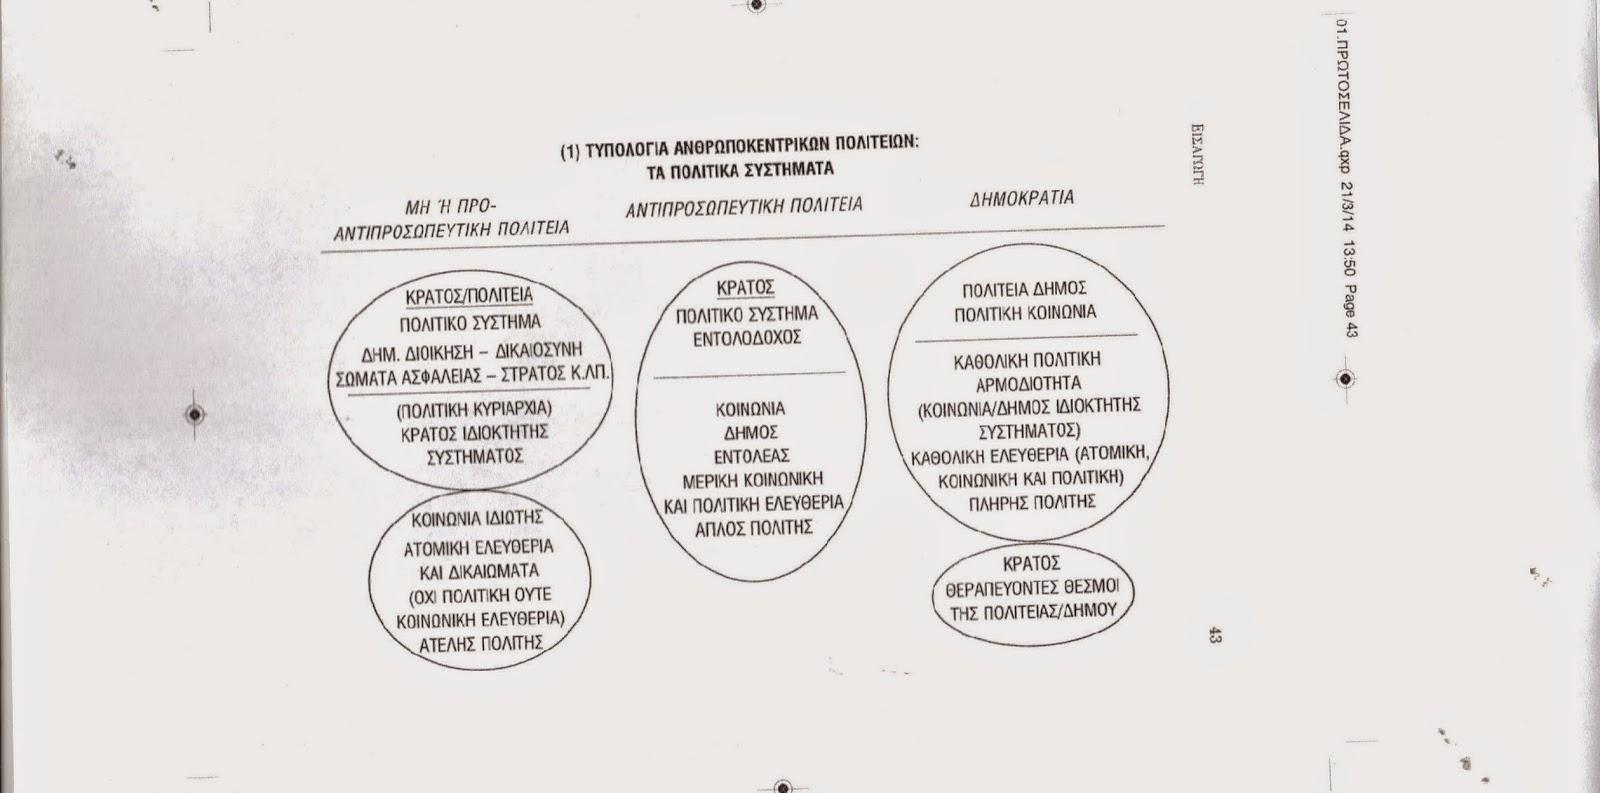 Πολιτικά συστήματα. Ολιγαρχικο, αντιπροσωπευτικό, δημοκρατικό